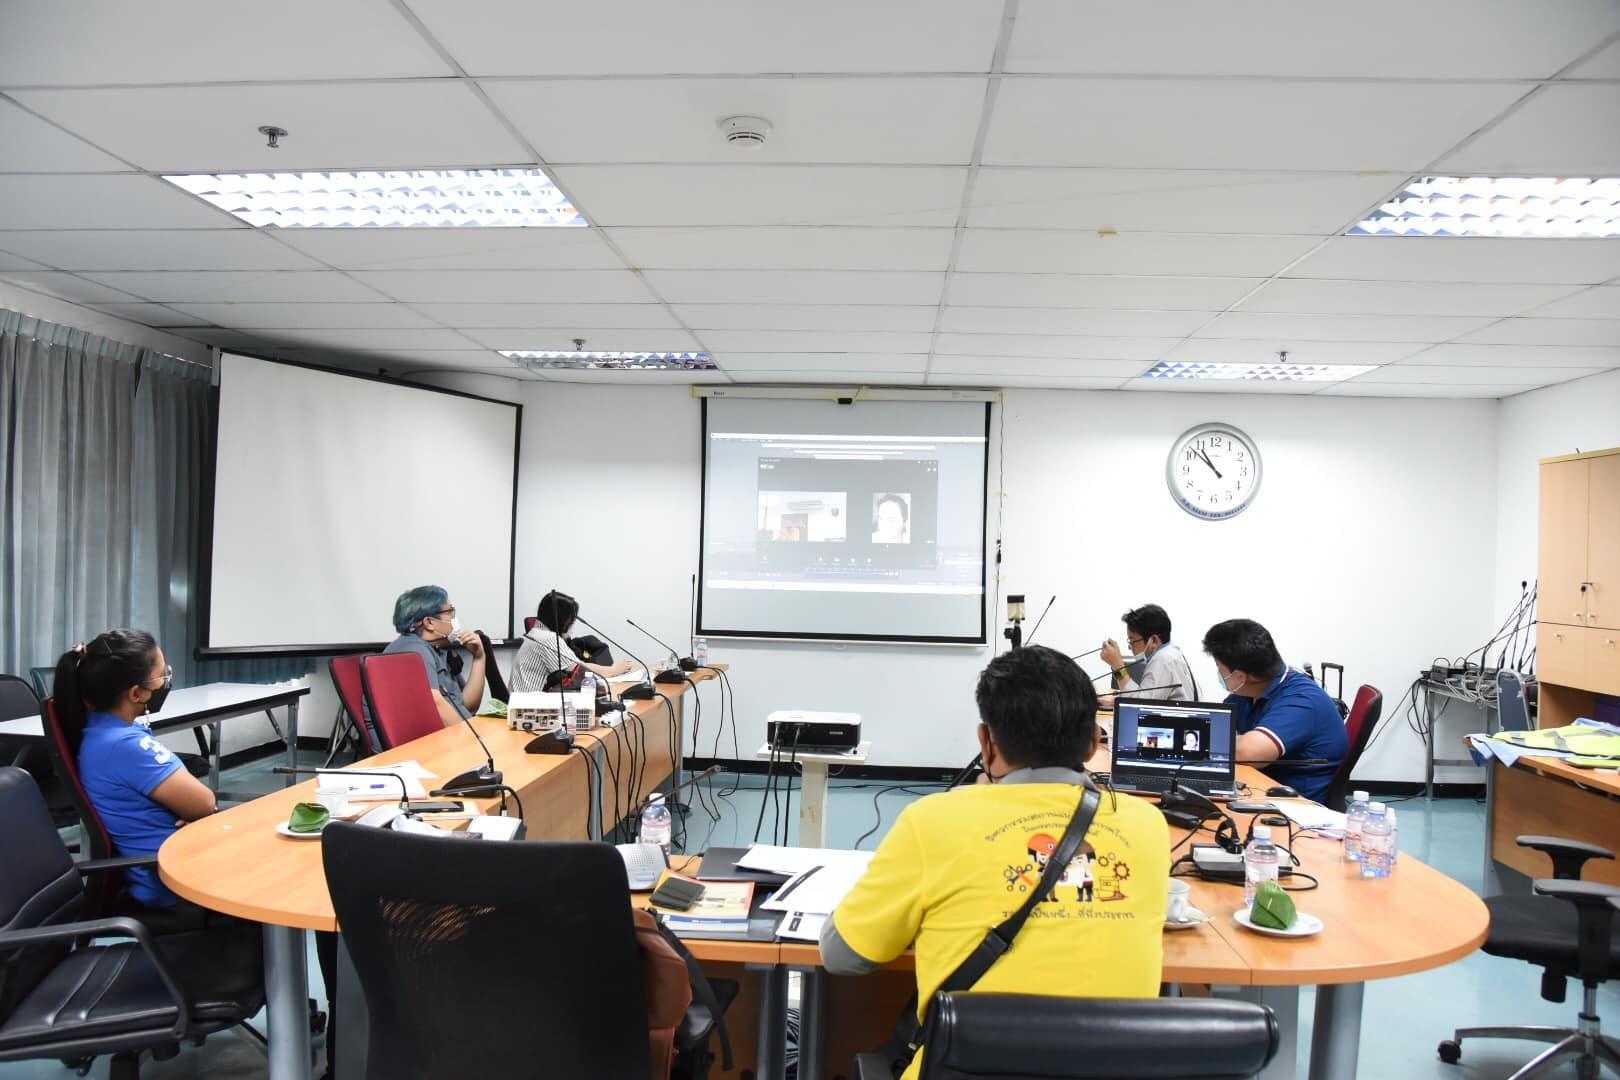 วิศวกรรมสถานแห่งประเทศไทยฯ จัดวิศวกรอาสาตรวจสอบอาคาร ให้คำปรึกษา พร้อมเสนอแนะแนวทางแก้ไขเบื้องต้นแก่ประชาชนที่ได้รับผลกระทบจากเหตุการณ์ผ่านระบบออนไลน์